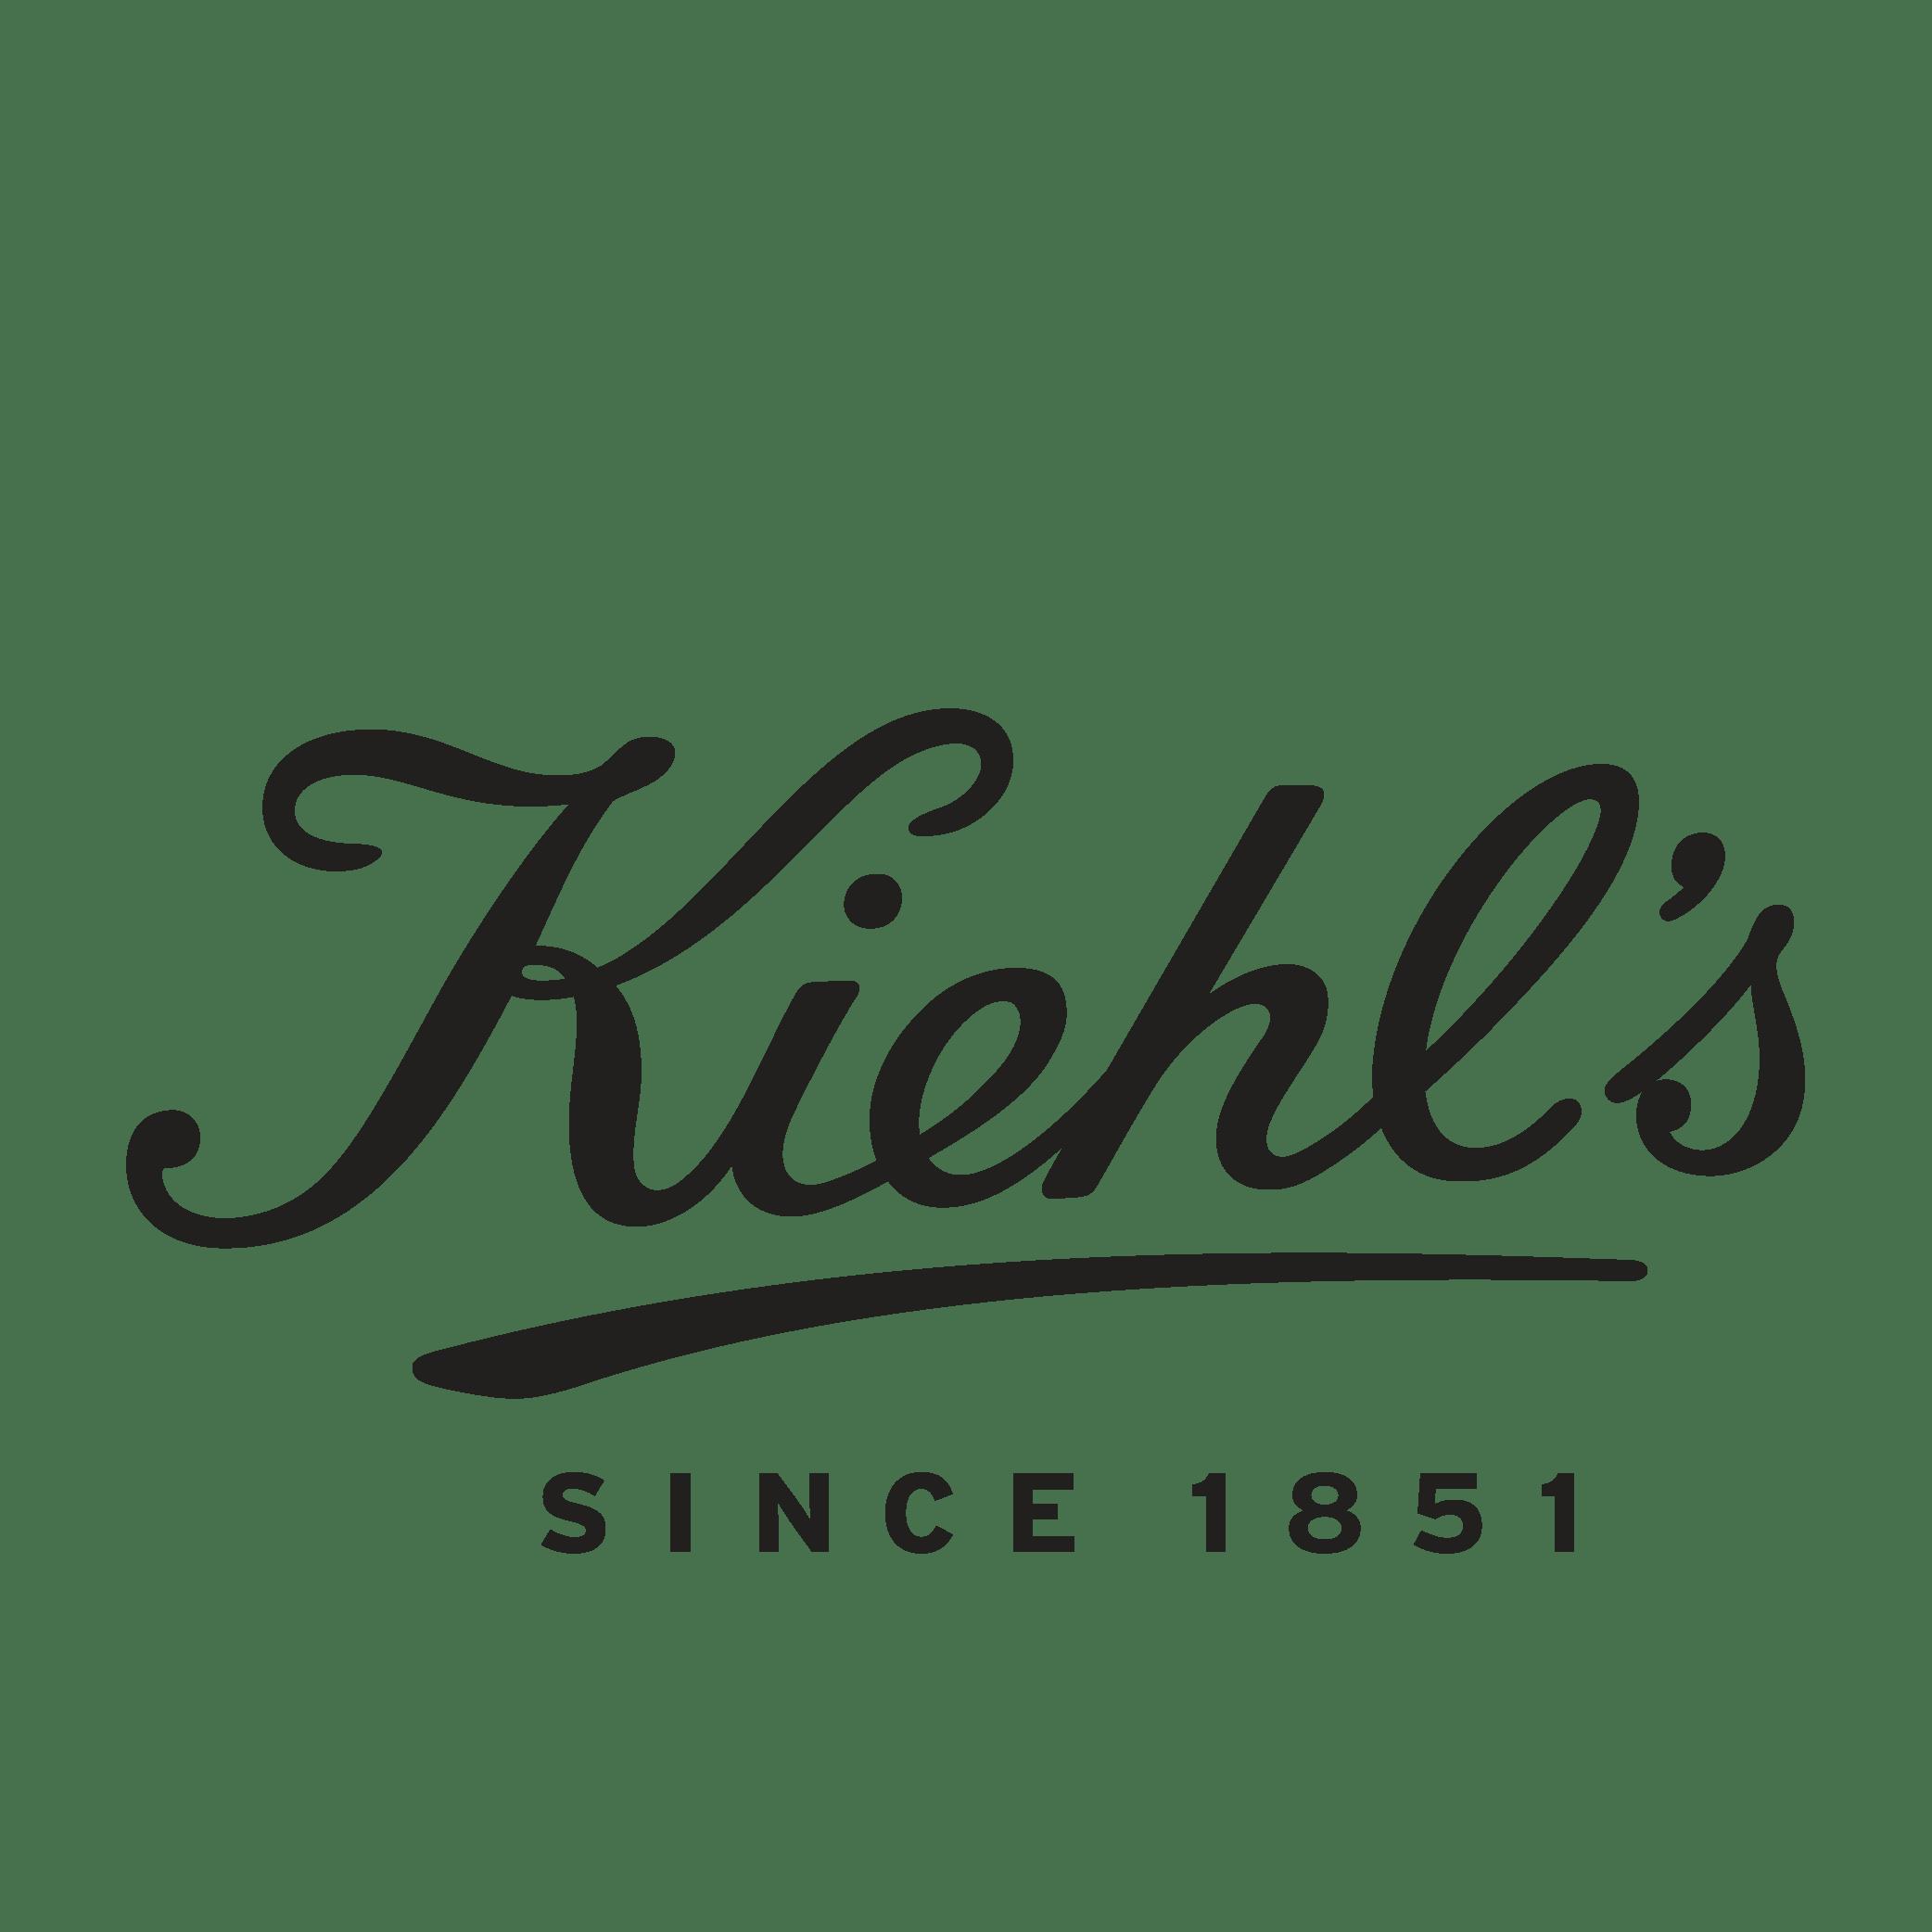 200219_ logo for website_Kiehl_s